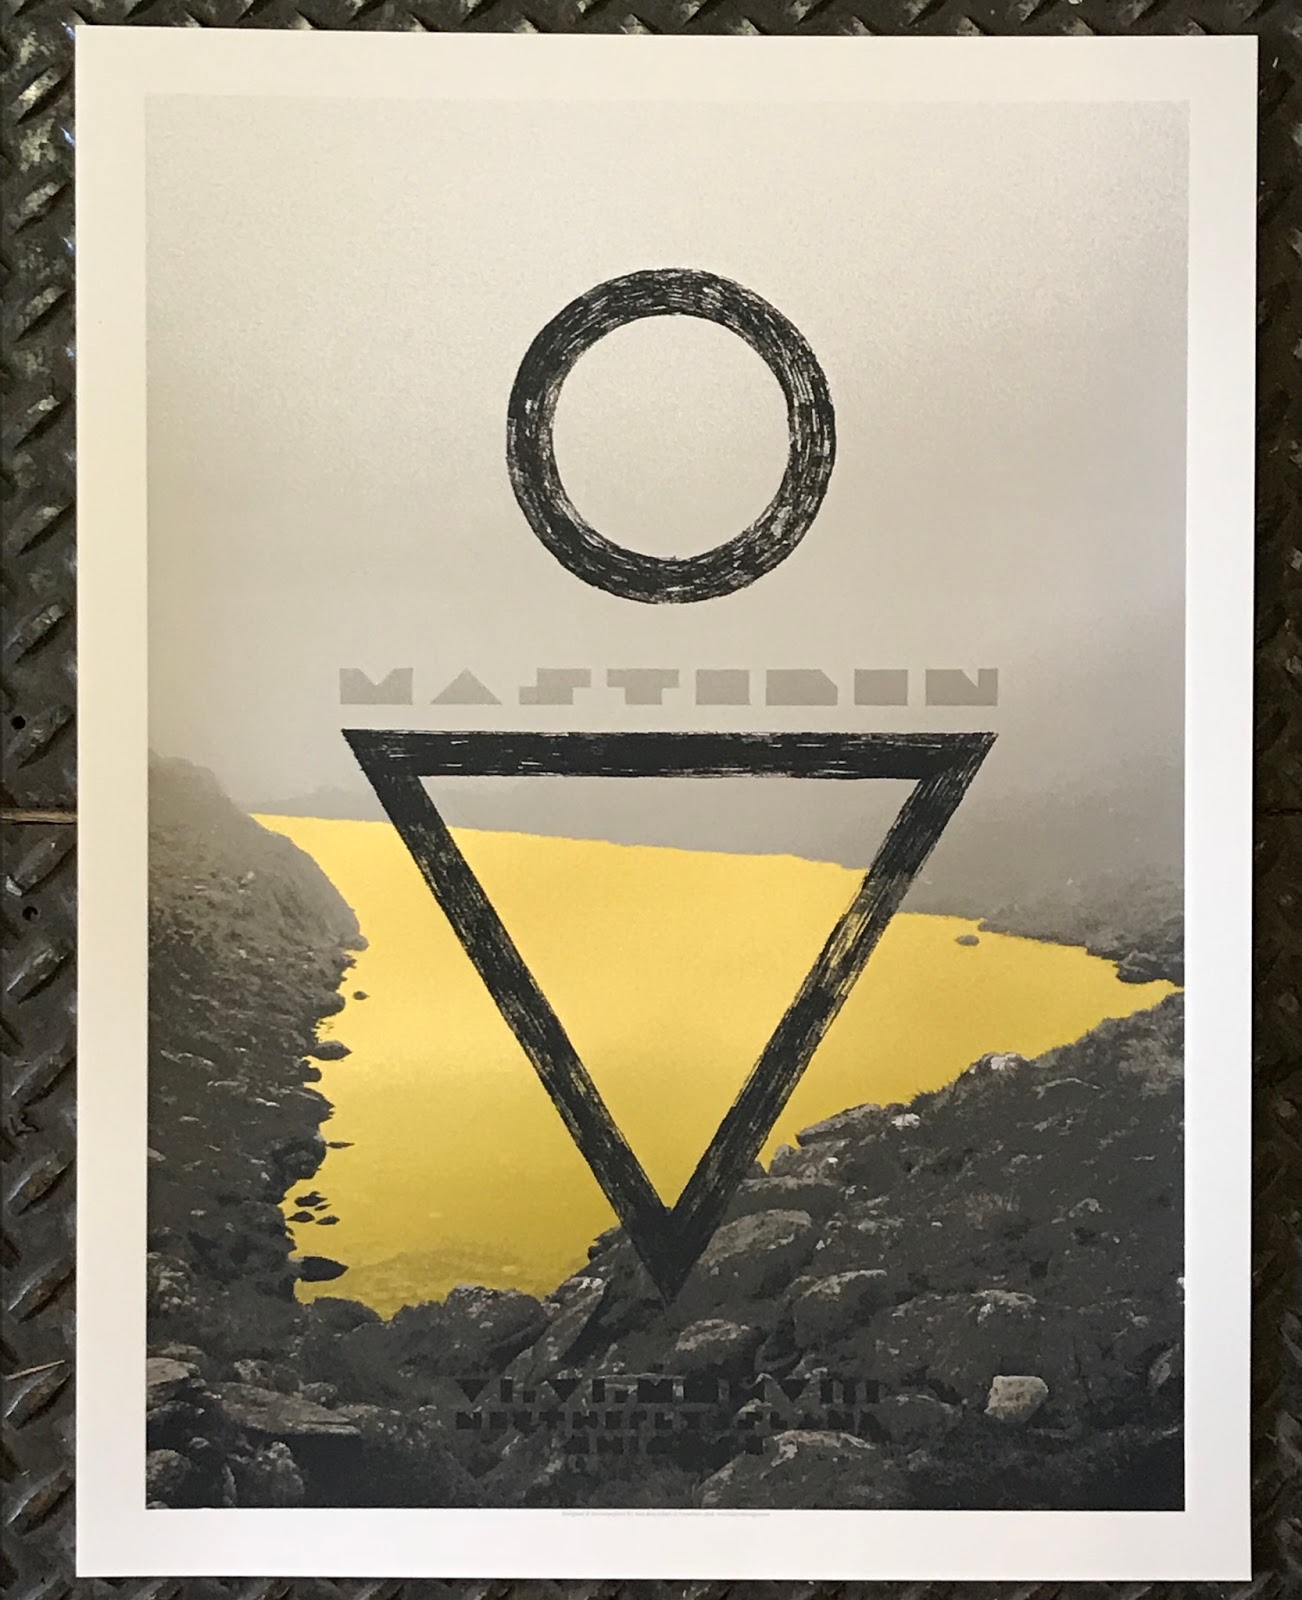 INSIDE THE ROCK POSTER FRAME BLOG: Crosshair Poster for Mastodon